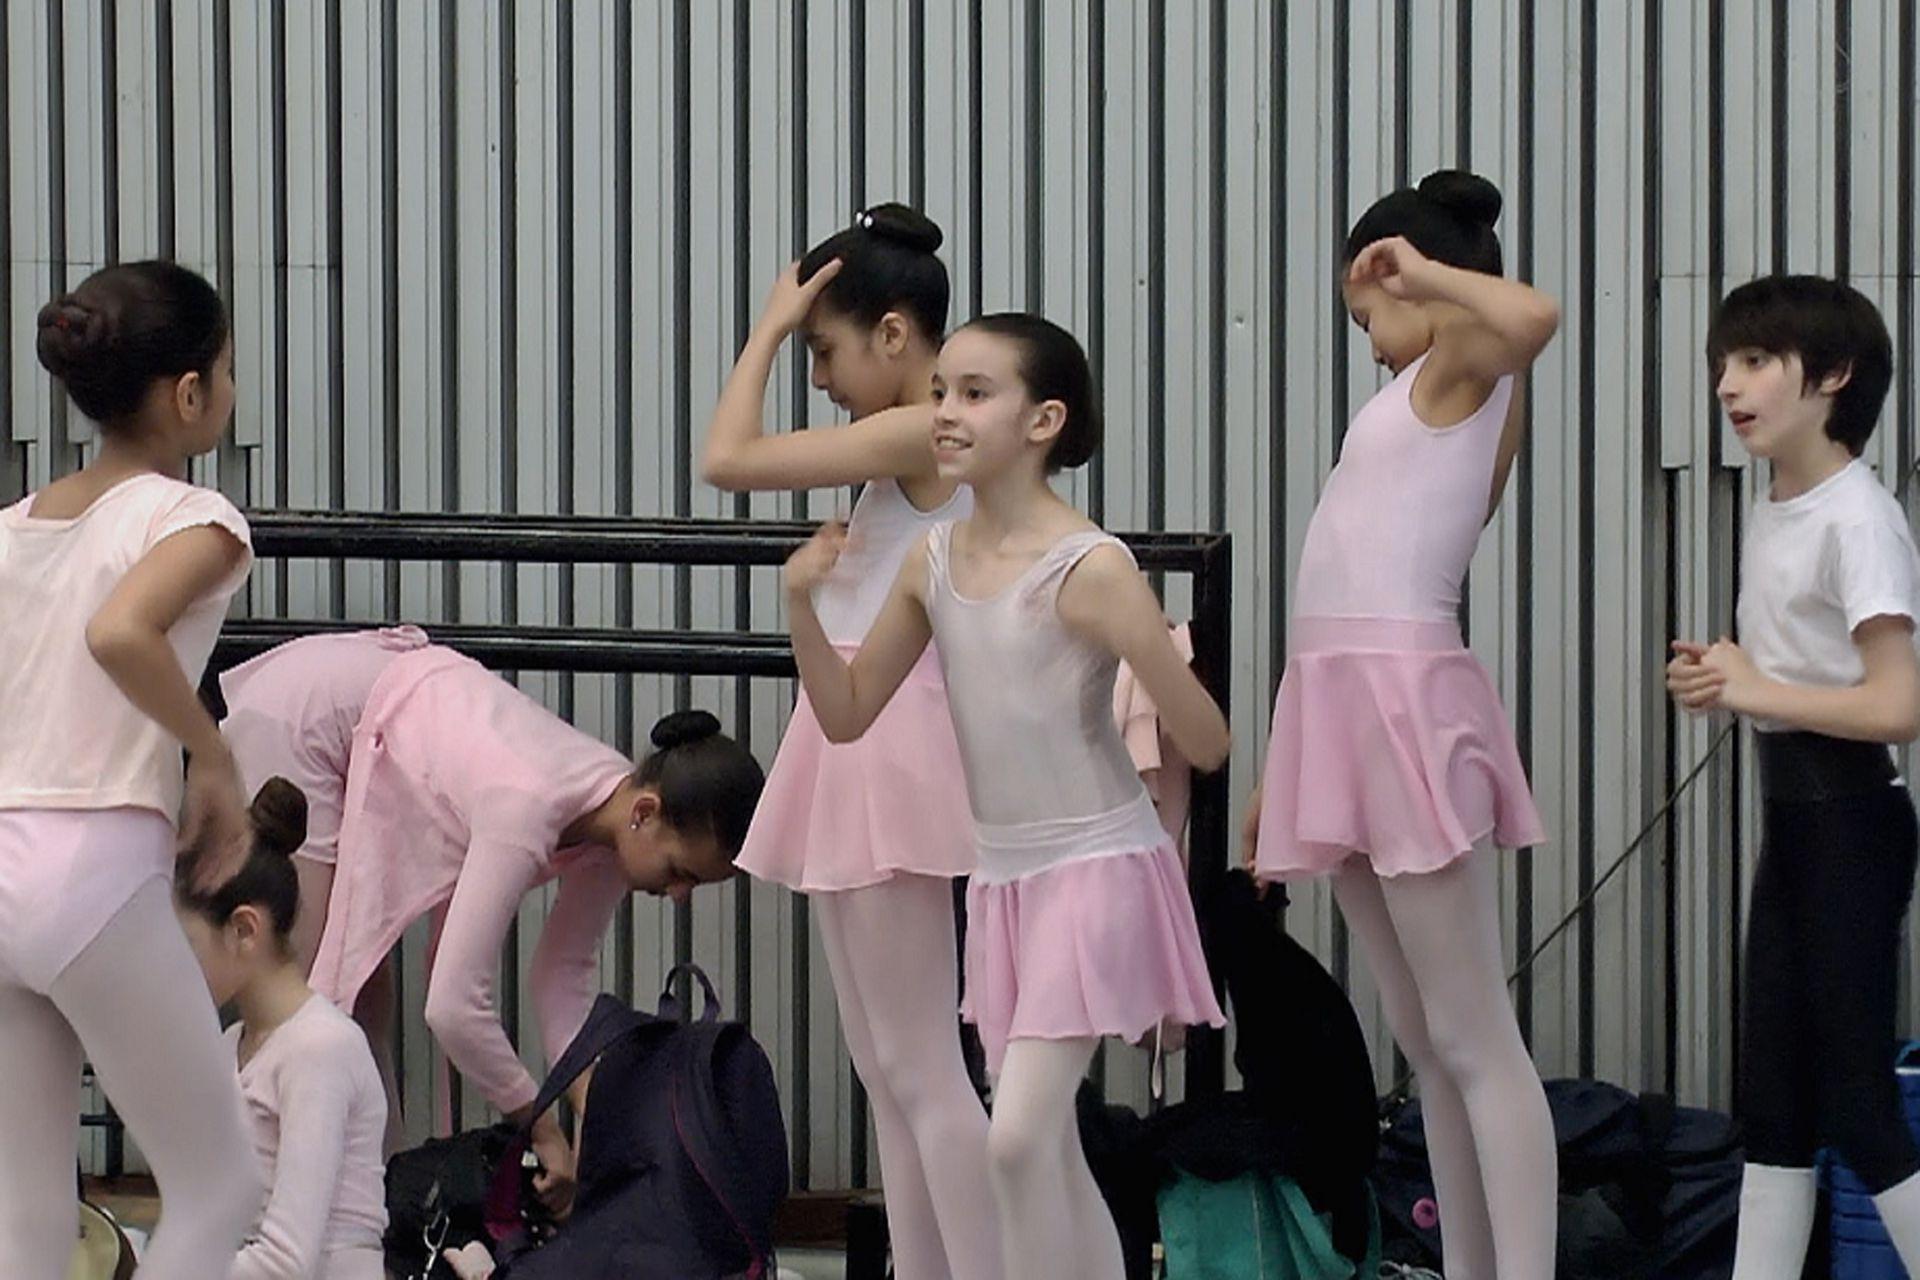 Alumnos del primer año de la escuela en un alto de los ensayos en las salas del Teatro Colón antes de la función de fin de año